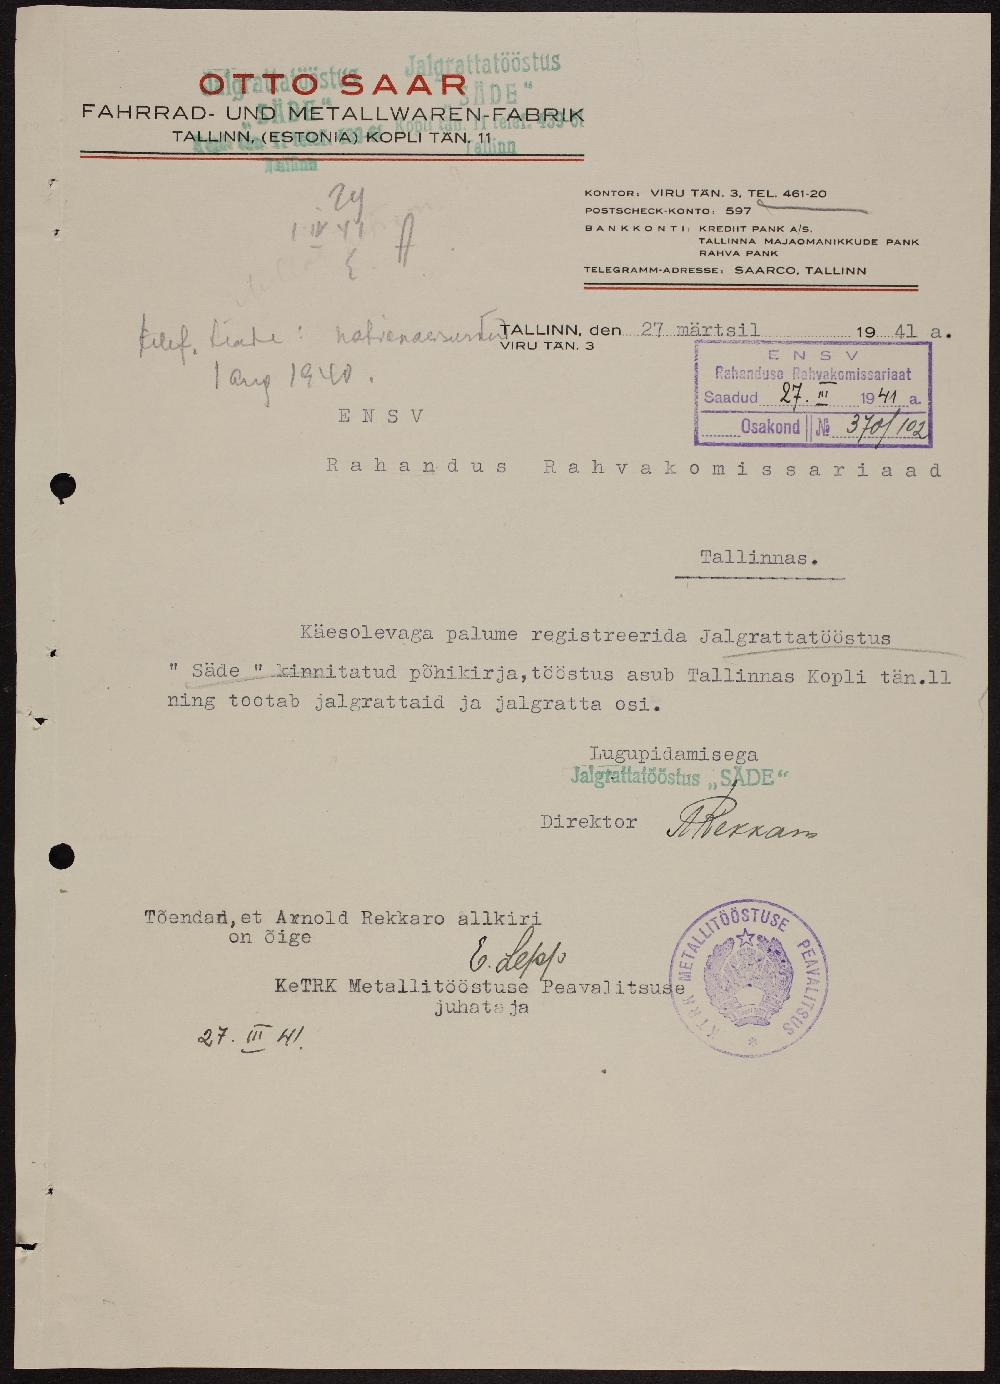 """Väljavõte jalgrattatööstus """"Säde"""" registreerimistoimikust, 27.03.1941. ERA.R-4.1.778"""